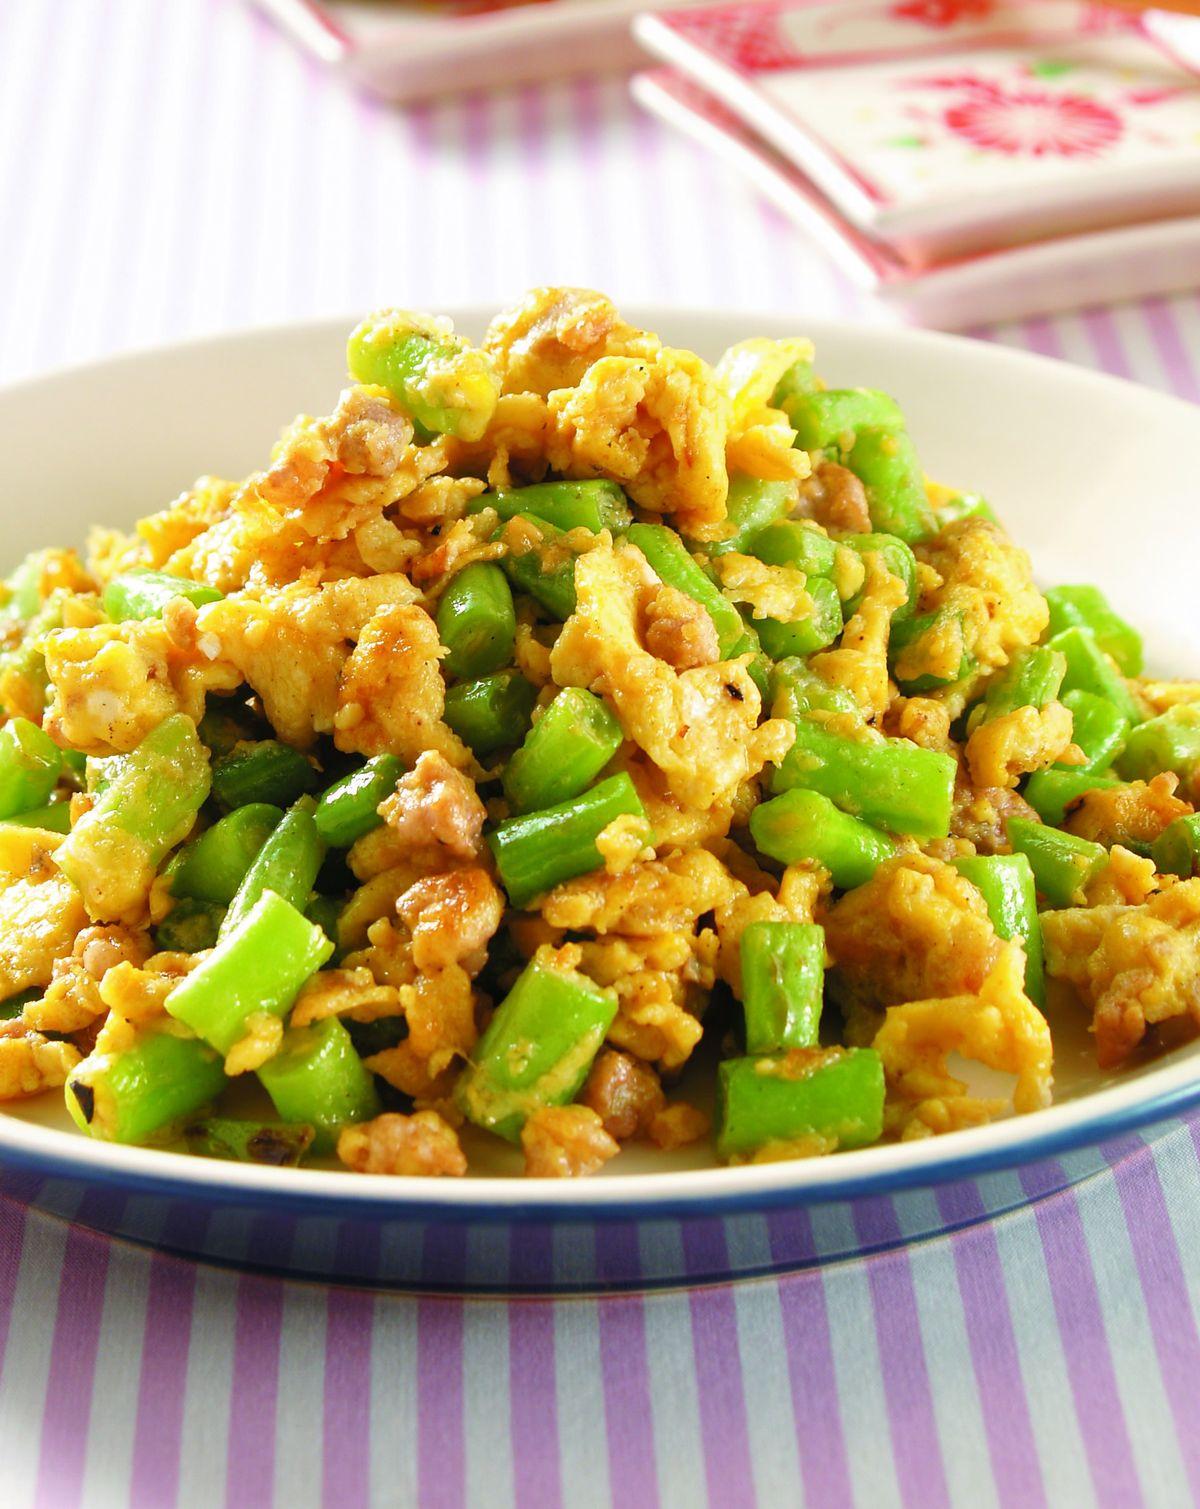 食譜:四季豆炒蛋